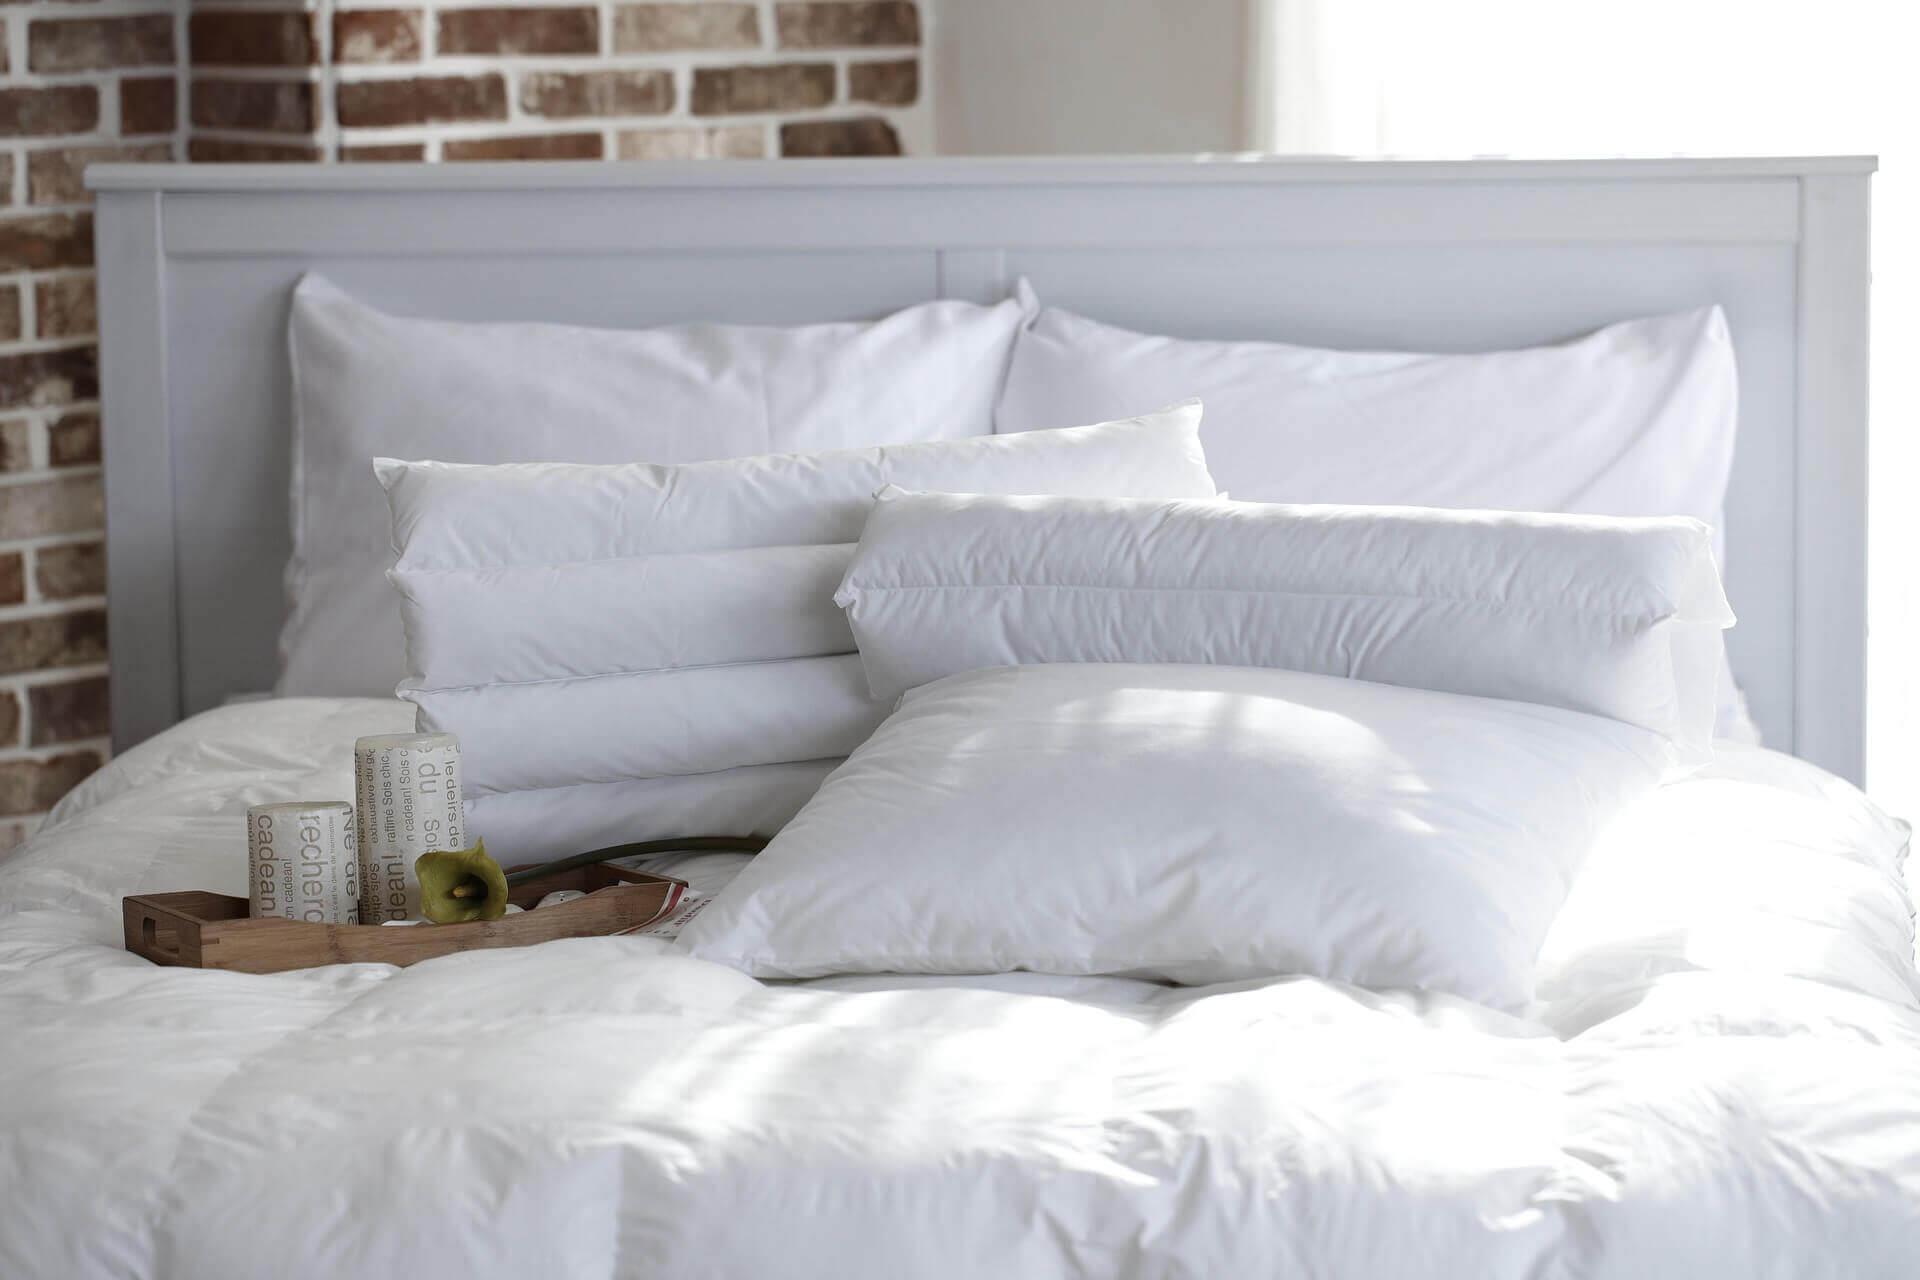 les usentiles de maison à changer régulièrement : les oreillers